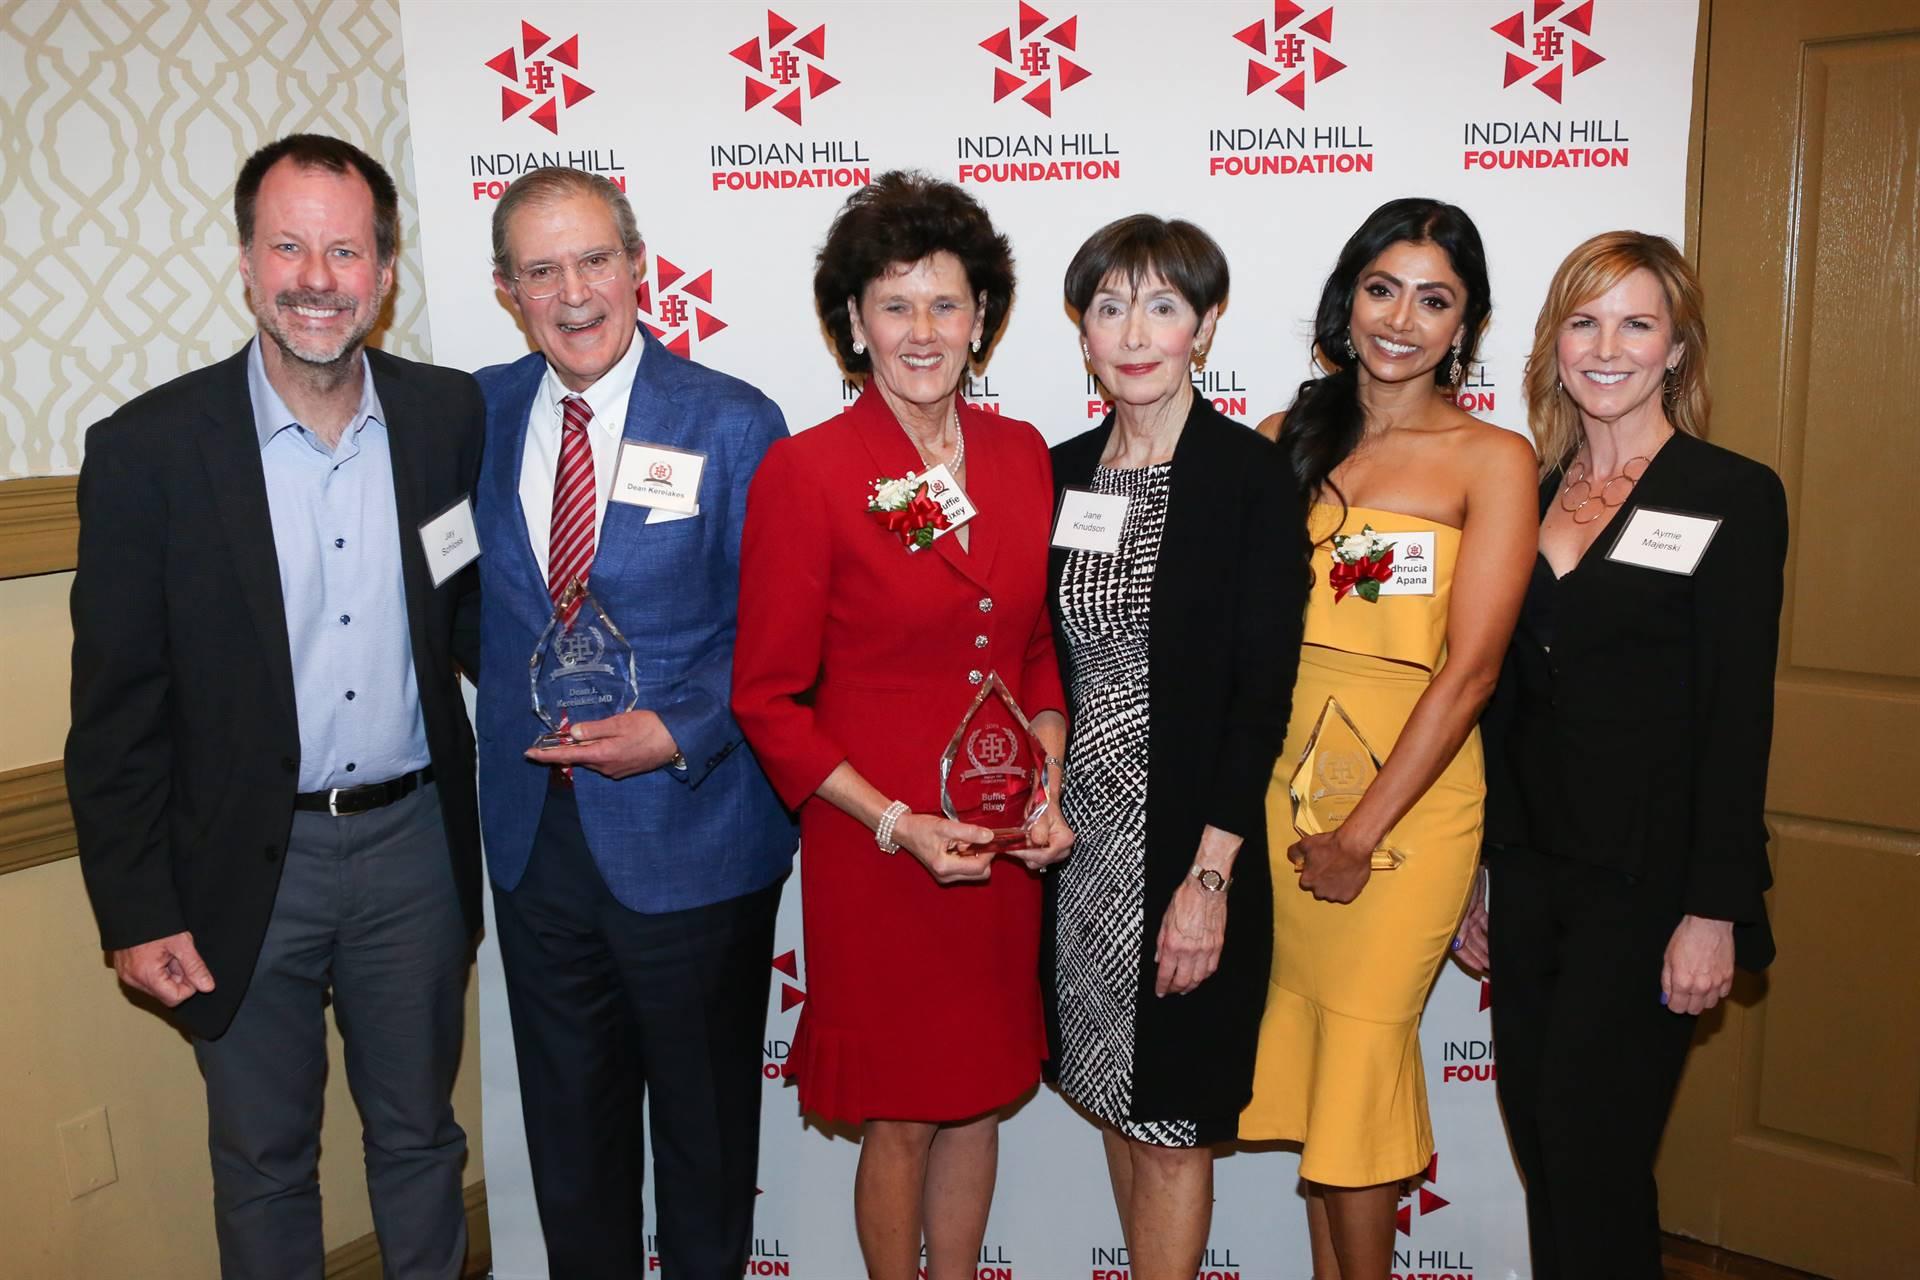 Alumni Award honorees and presenters